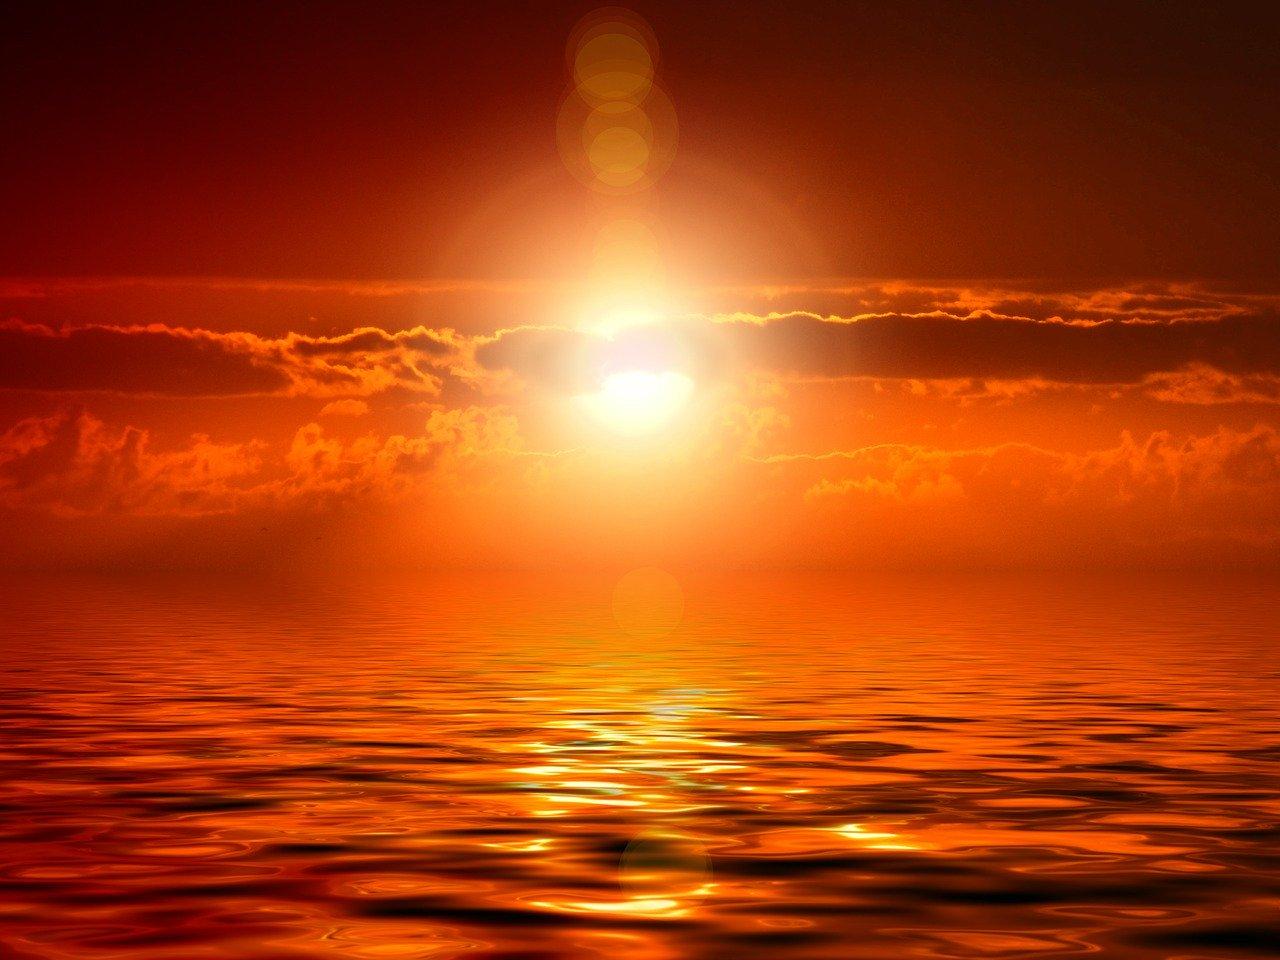 日月神示が示す救世主が降り立つ「ミロクの世」世界の終りの後の世界